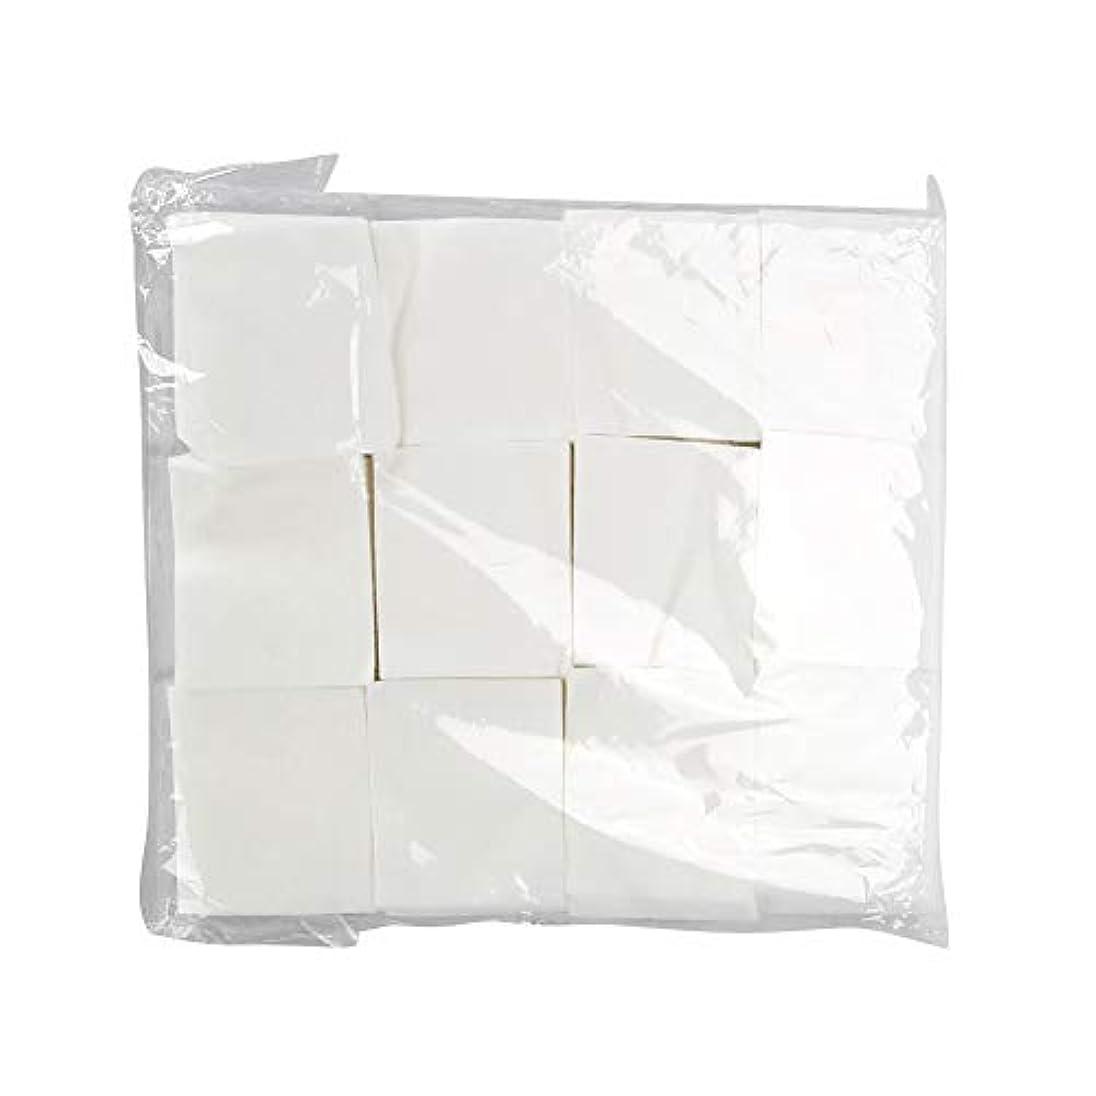 枝に対応する霜使い捨てネイルポリッシュリムーバーコットンパッド、化粧フェイシャルコットンパッド メイクアップクリーナーコットンワイプ、ネイルワイプフェイシャルアイメイクアップワイプ(1600Pcs)